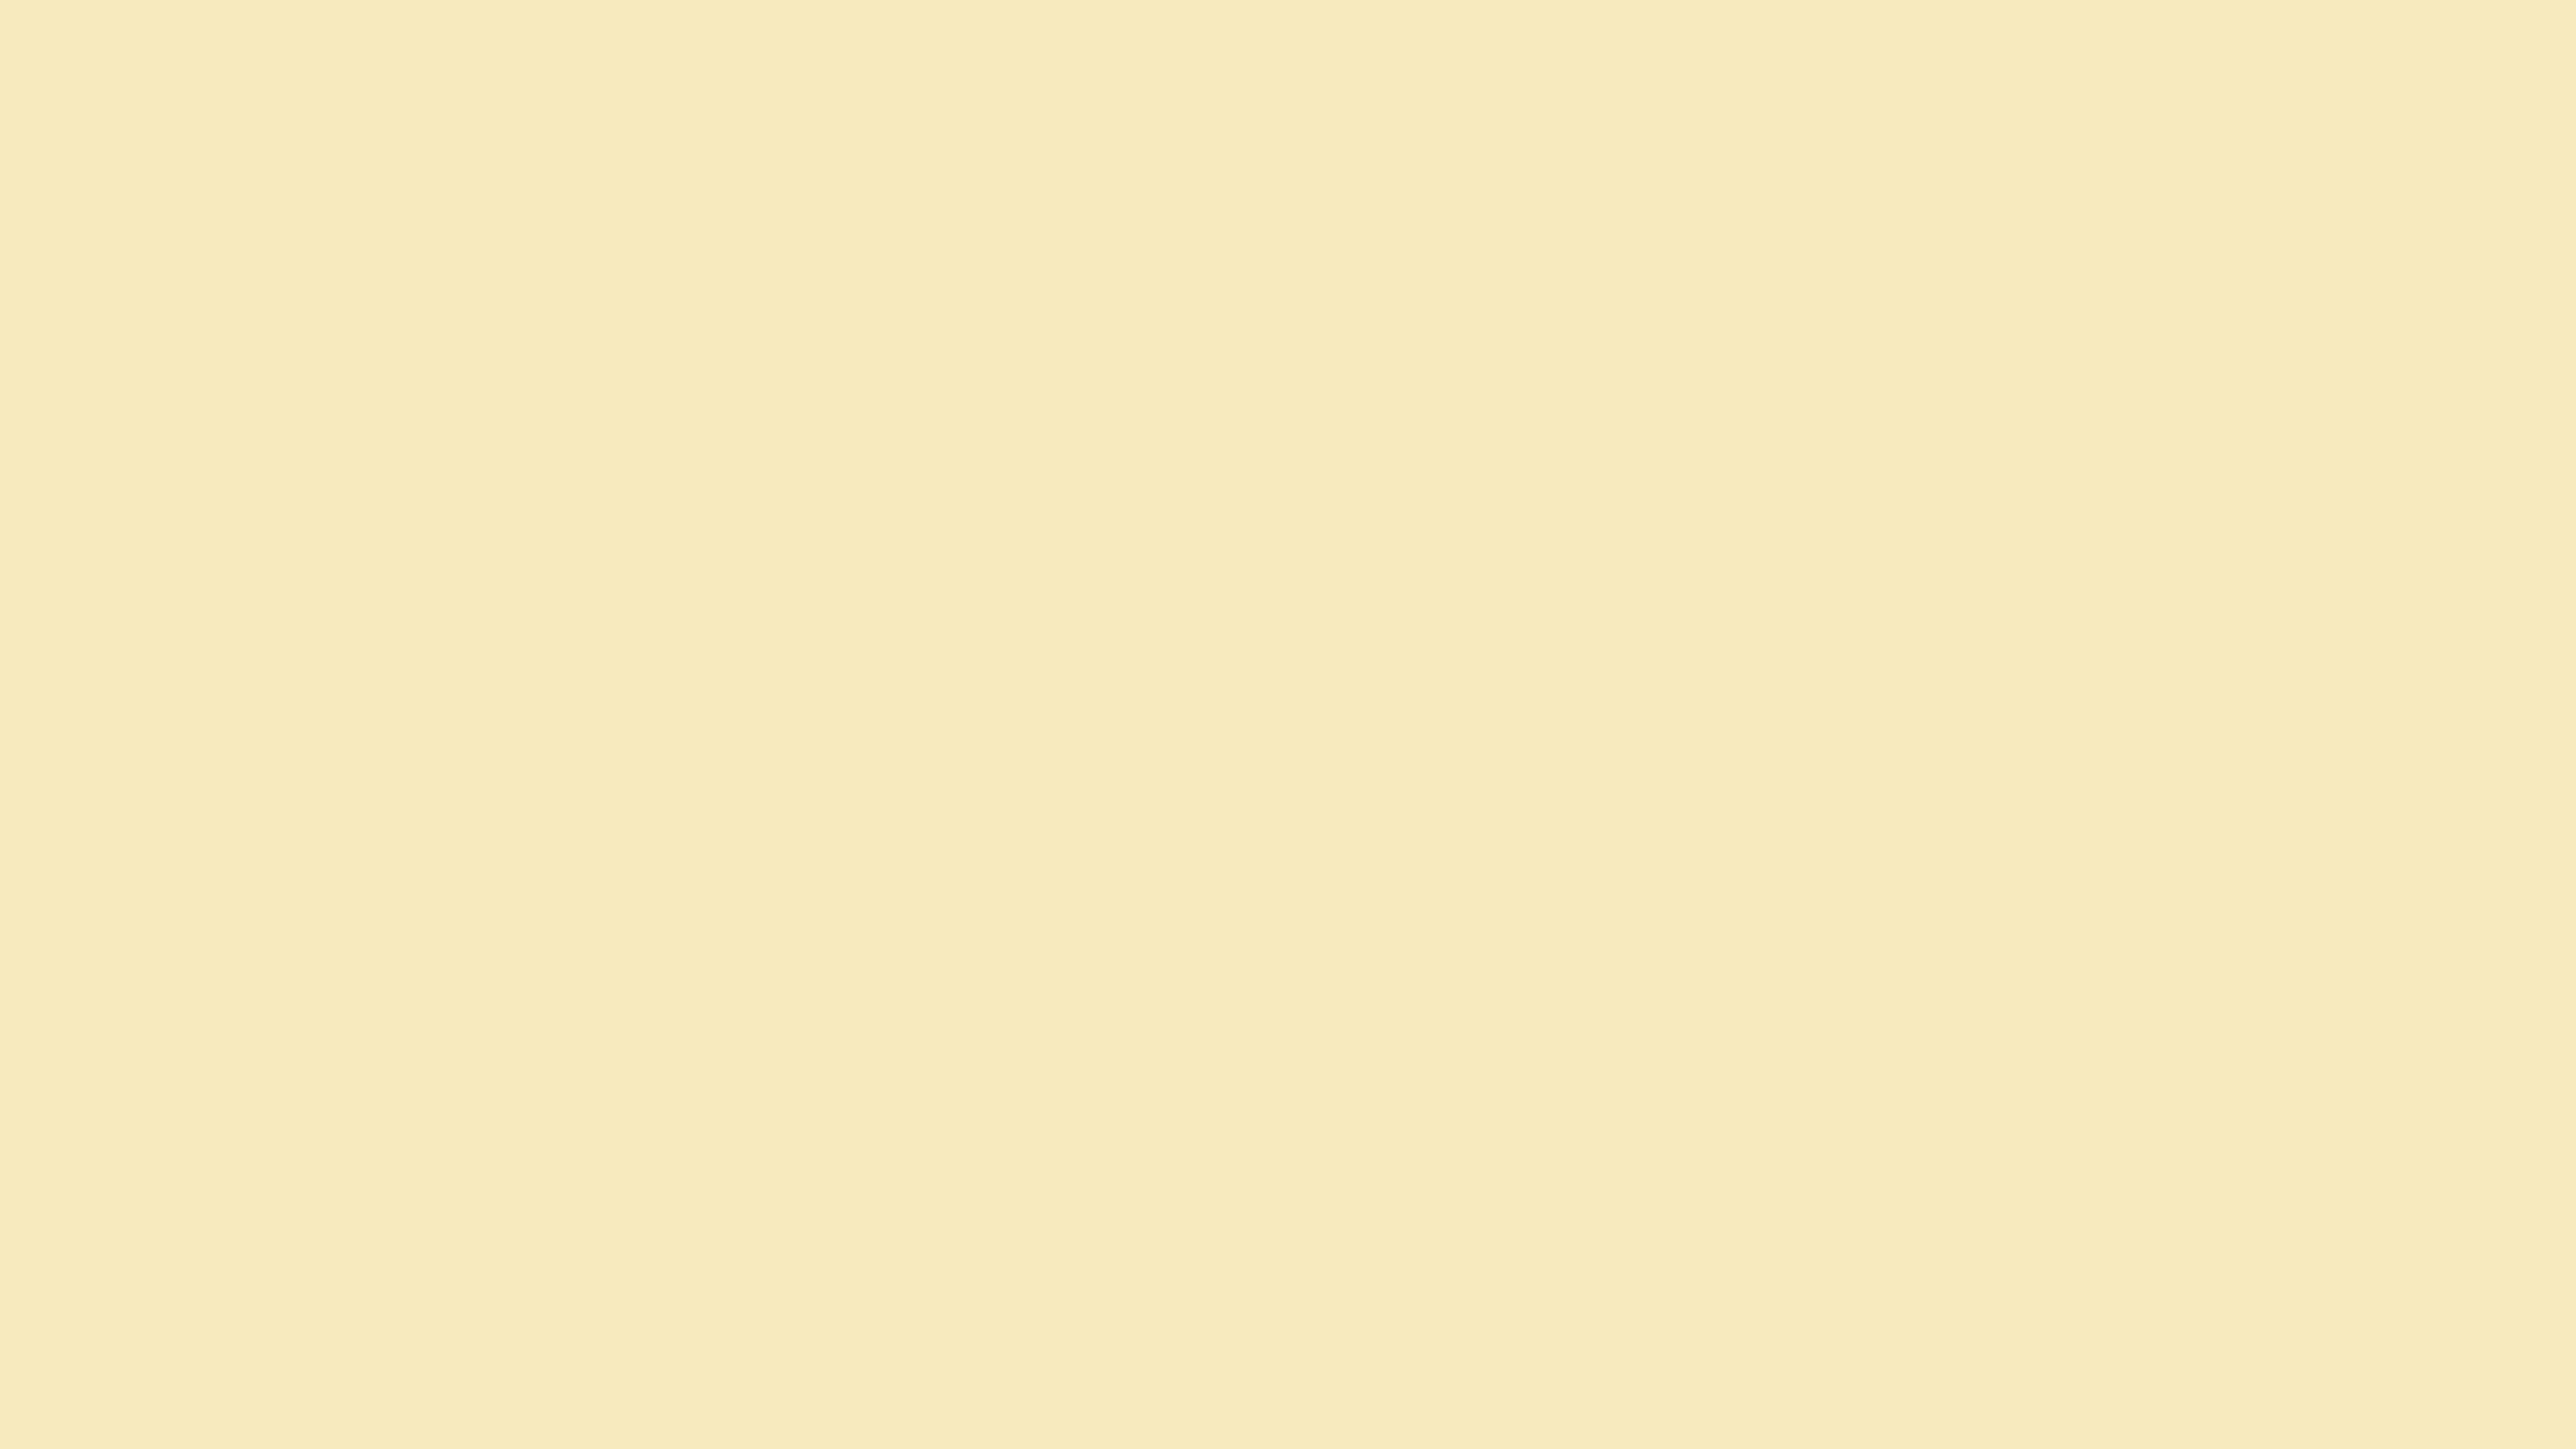 4096x2304 Lemon Meringue Solid Color Background